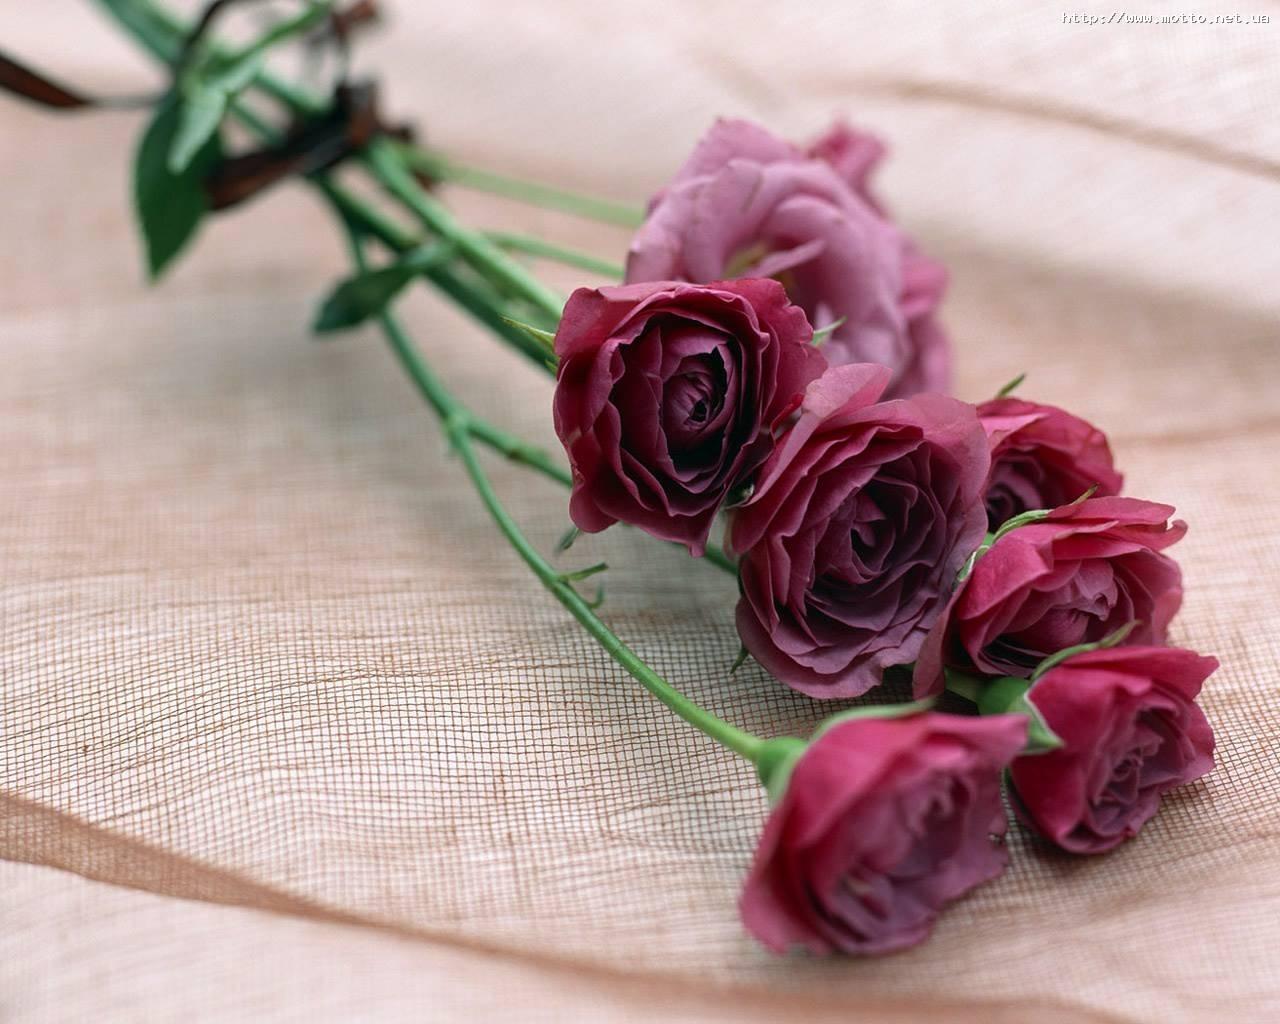 7656 скачать обои Праздники, Растения, Цветы, Розы, Открытки, 8 Марта - заставки и картинки бесплатно